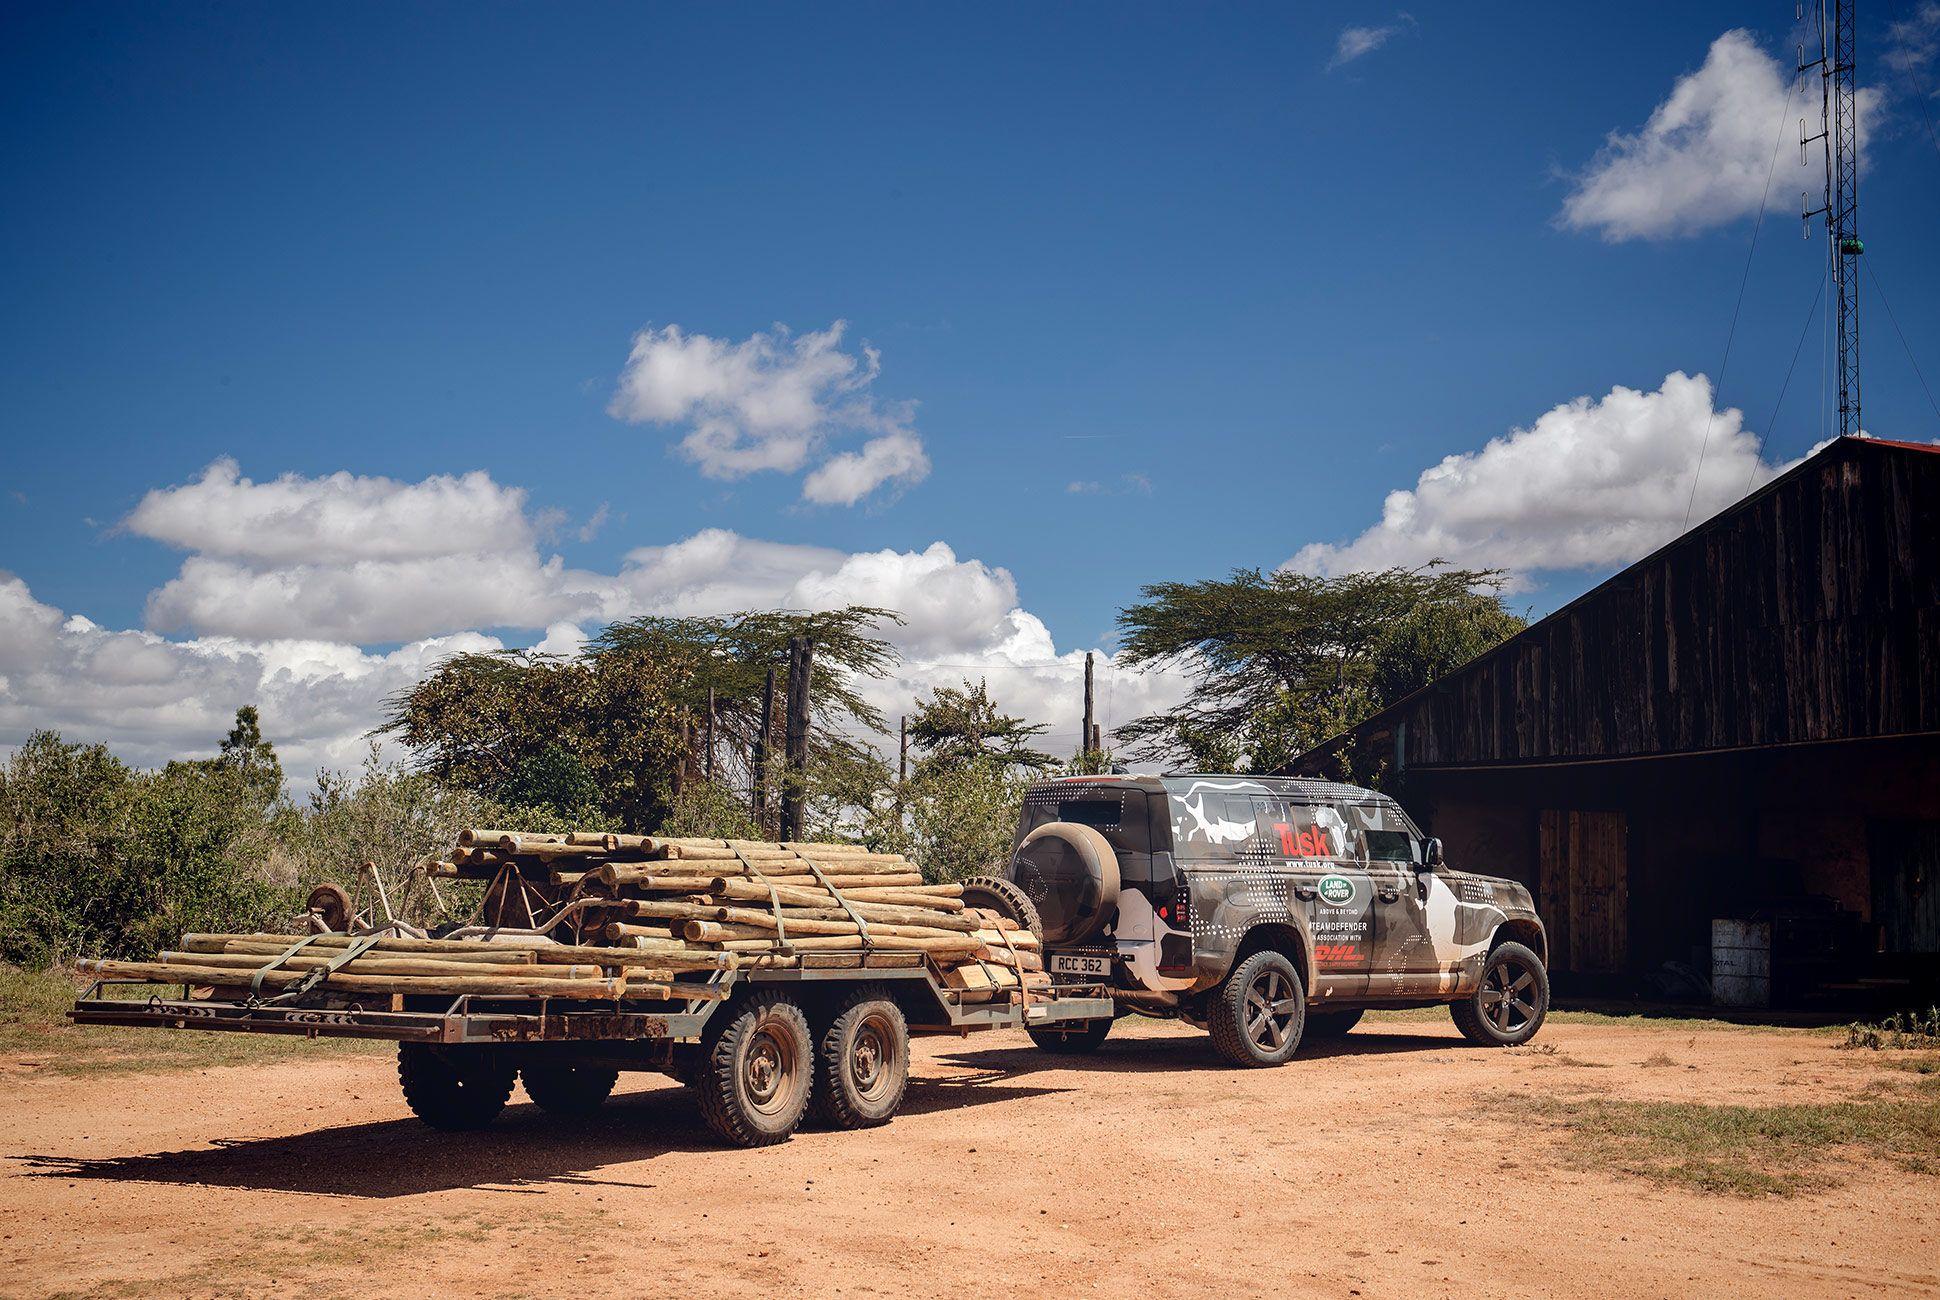 Land-Rover-Defender-Africa-Testing-gear-patrol-slide-8